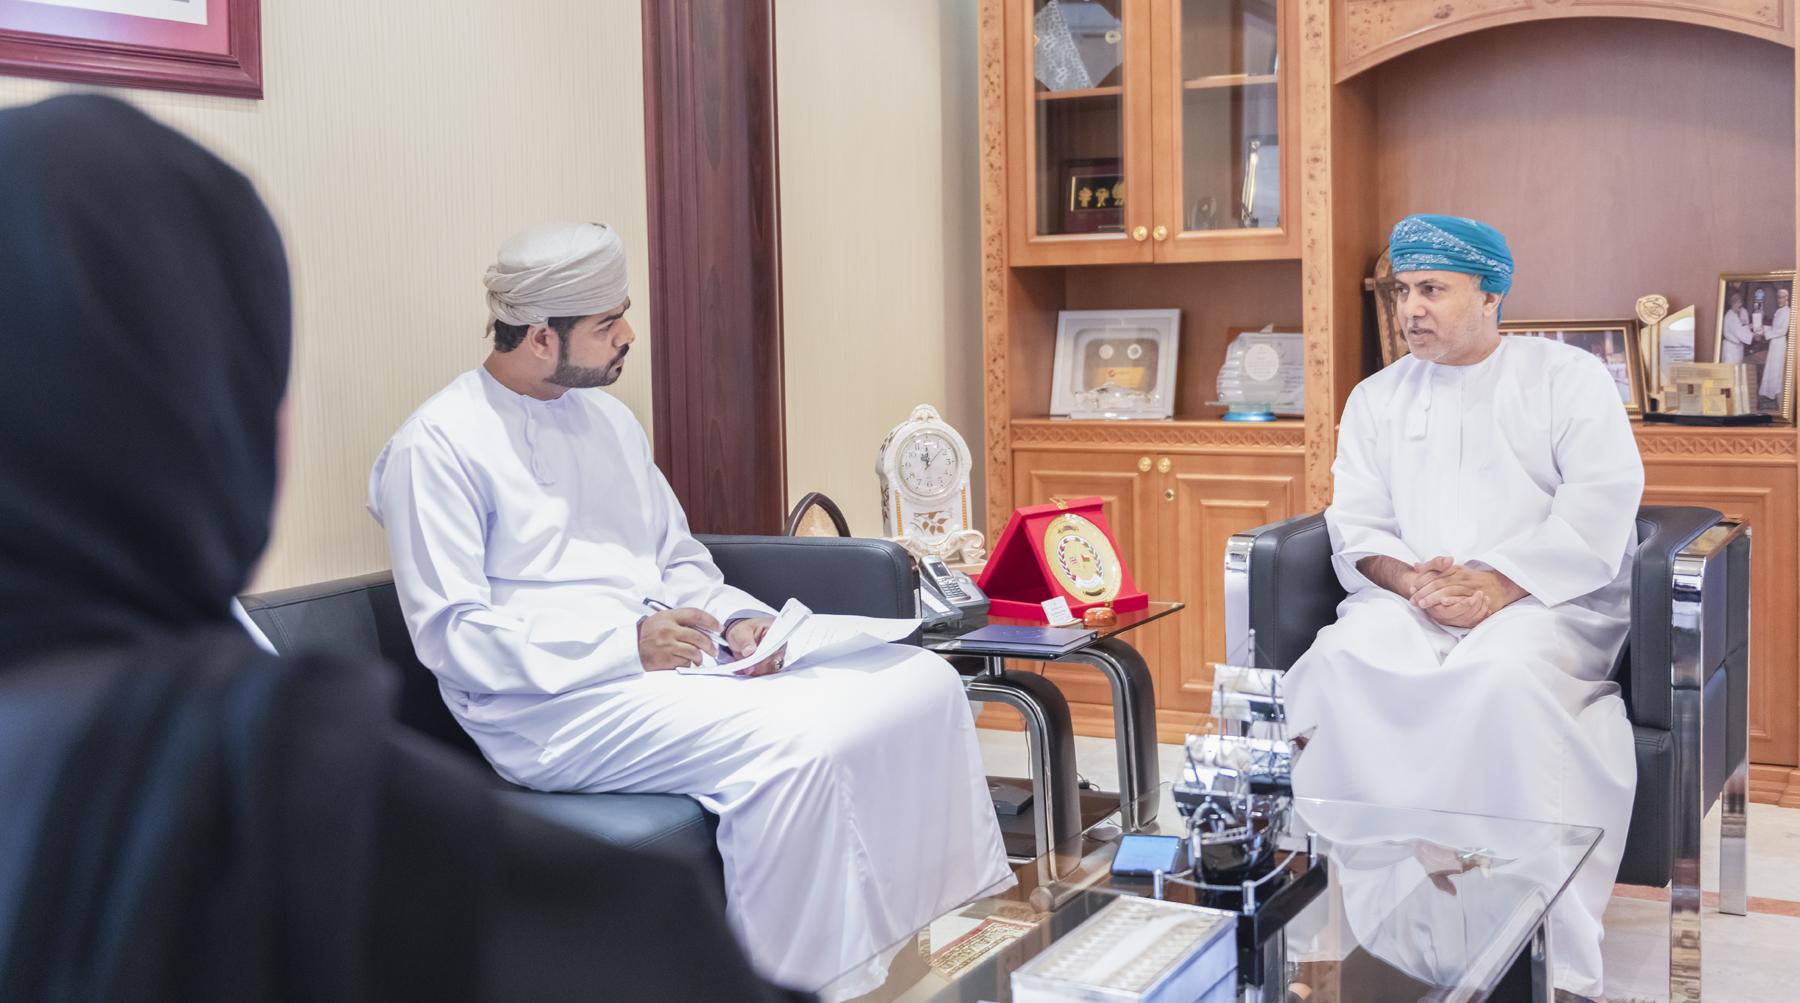 غدا.. البوسعيدية تتوج الفائزين بجائزة السلطان للعمل التطوعي في دورتها السادسة